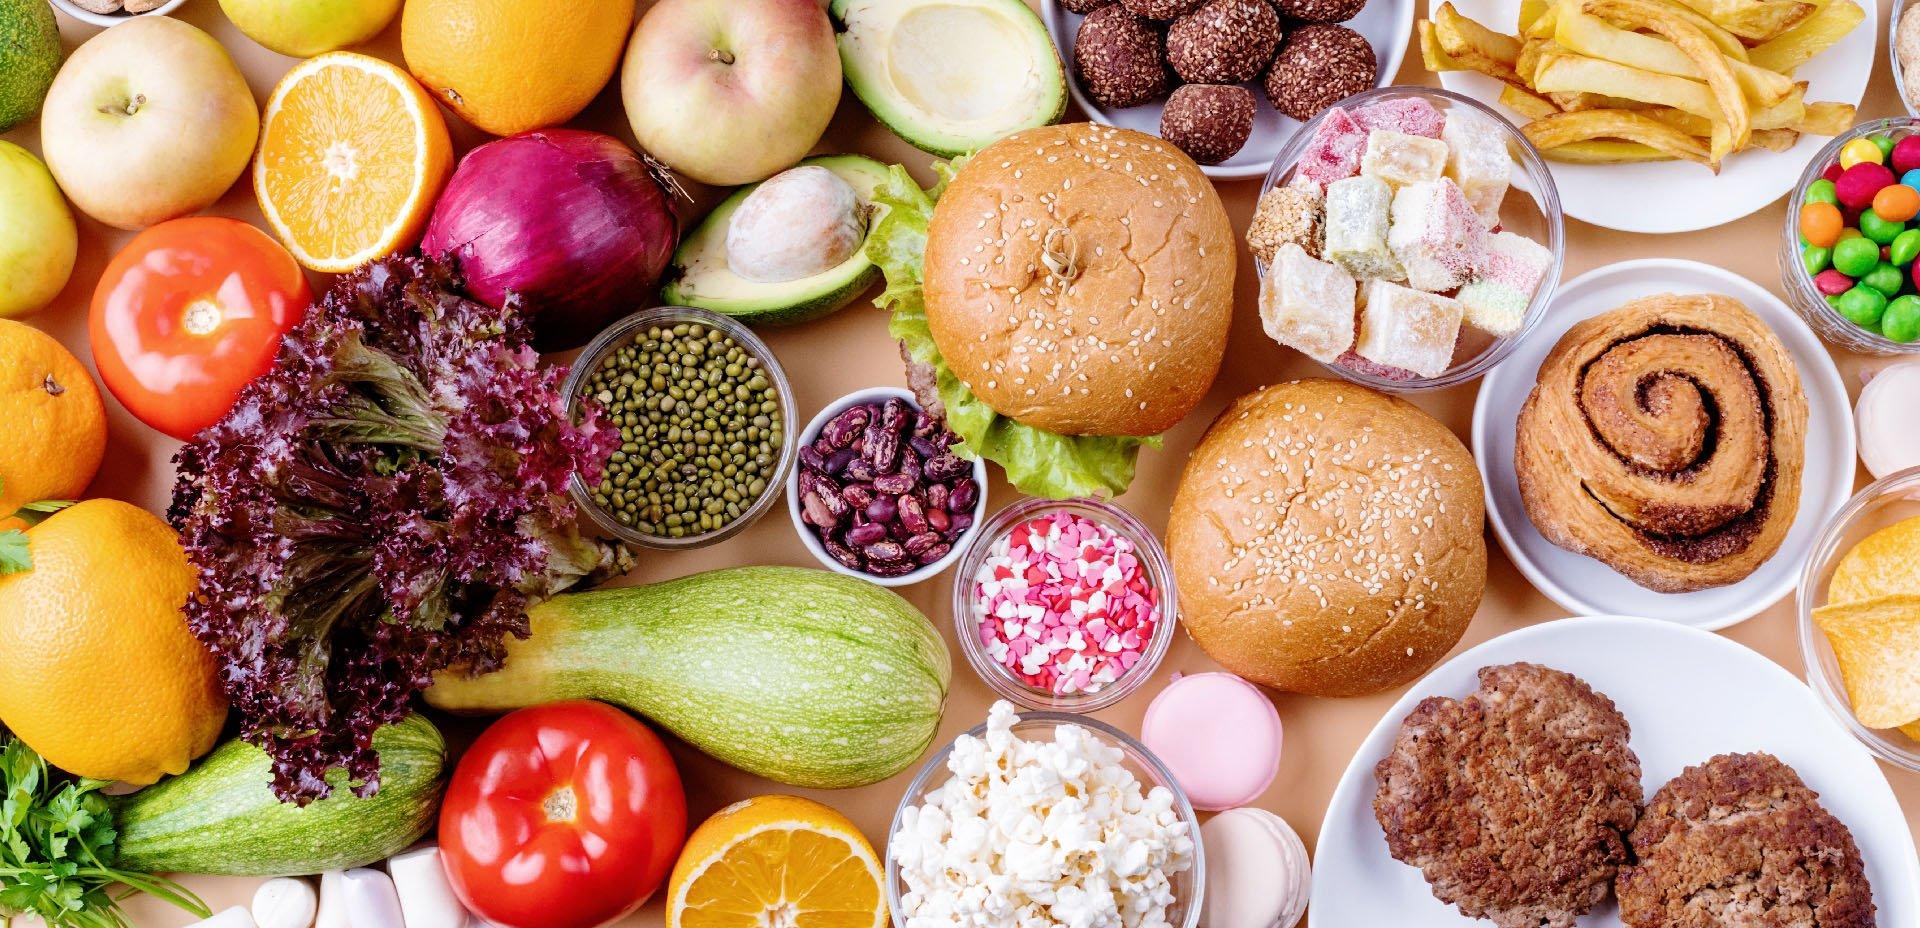 cibo salutare vs cibo spazzatura